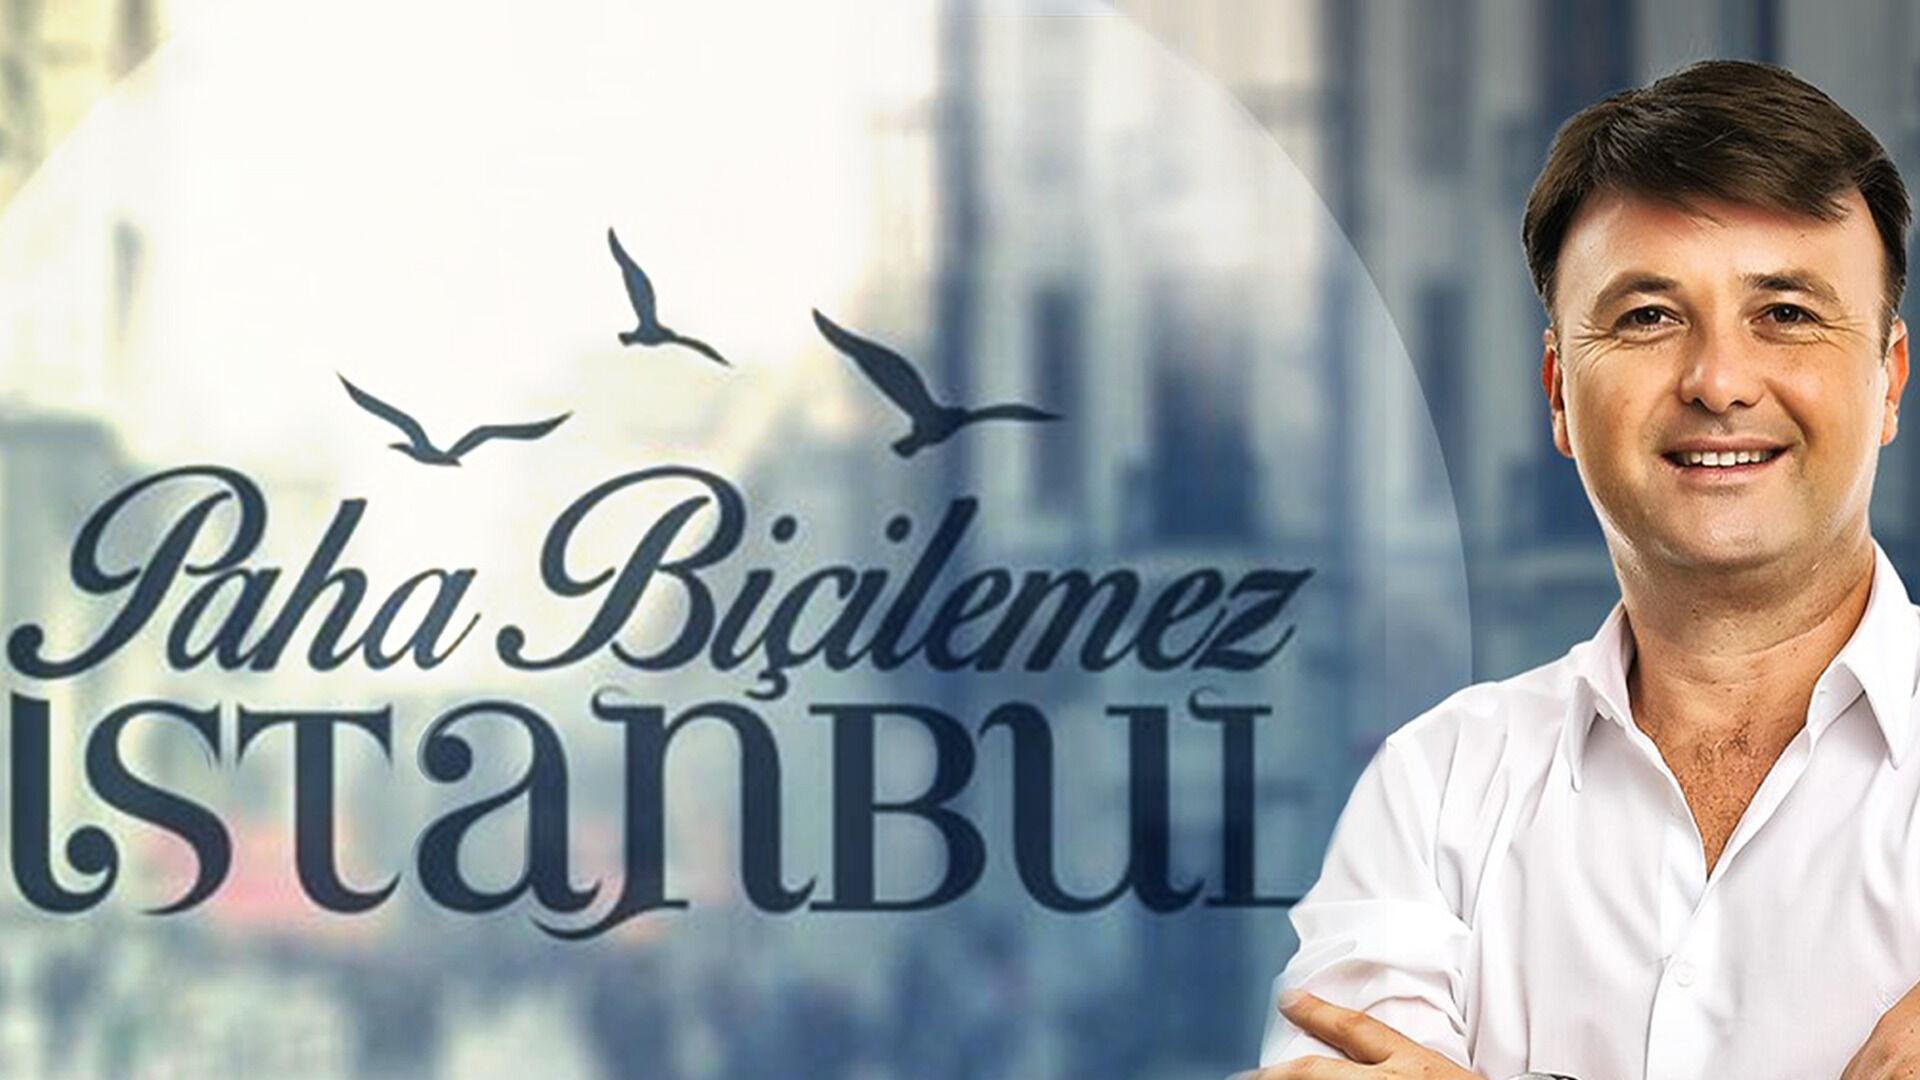 Paha Biçilemez İstanbul 1. Sezon